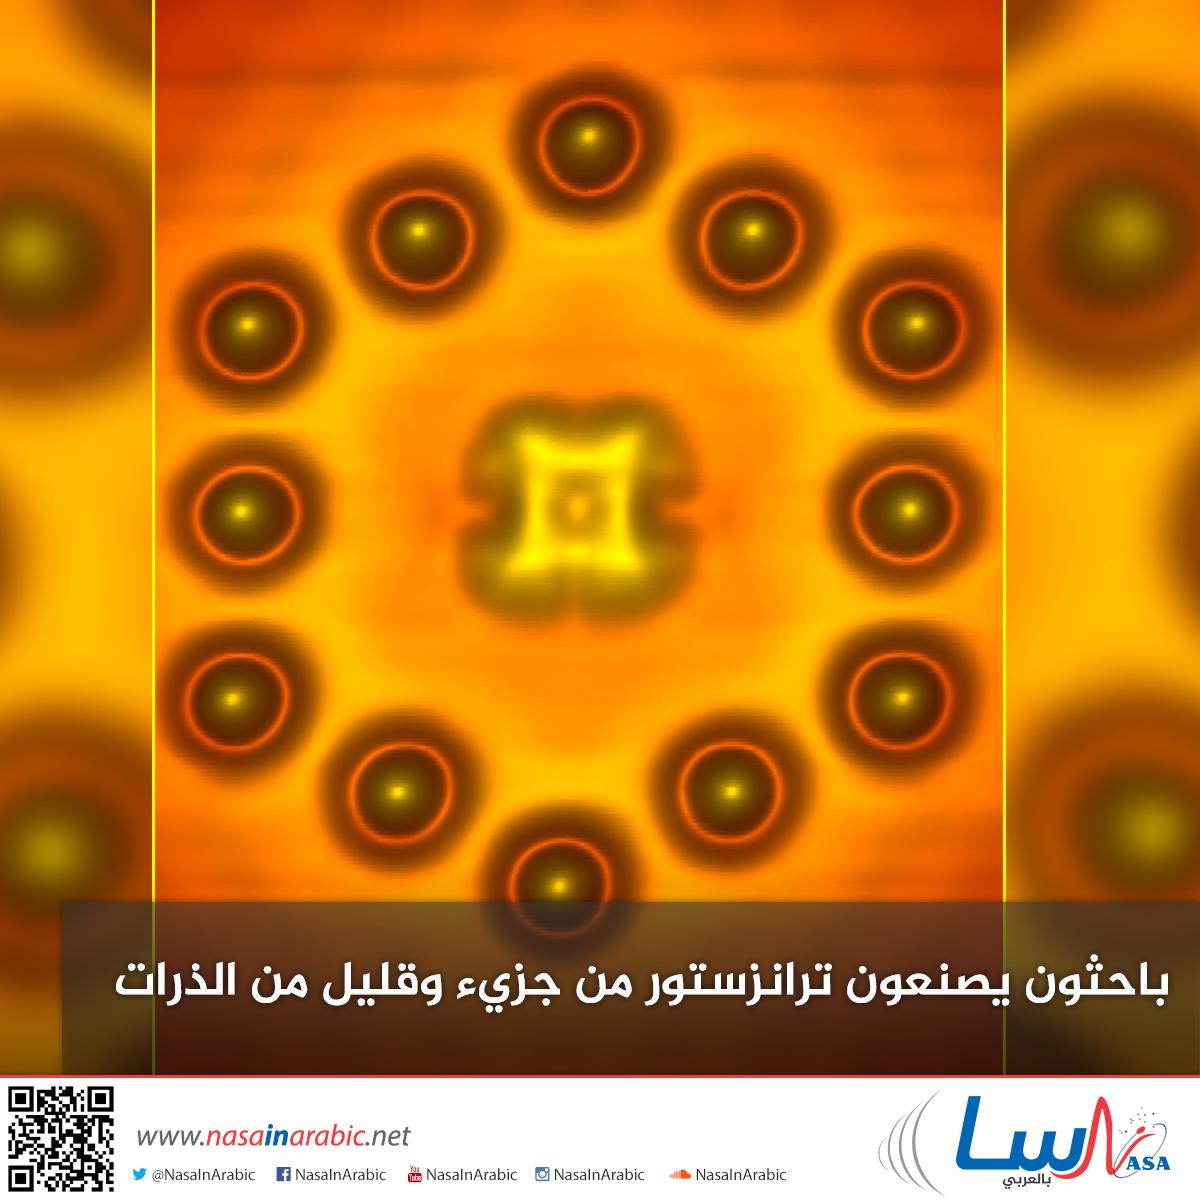 باحثون يصنعون ترانزستور من جزيء وقليل من الذرات